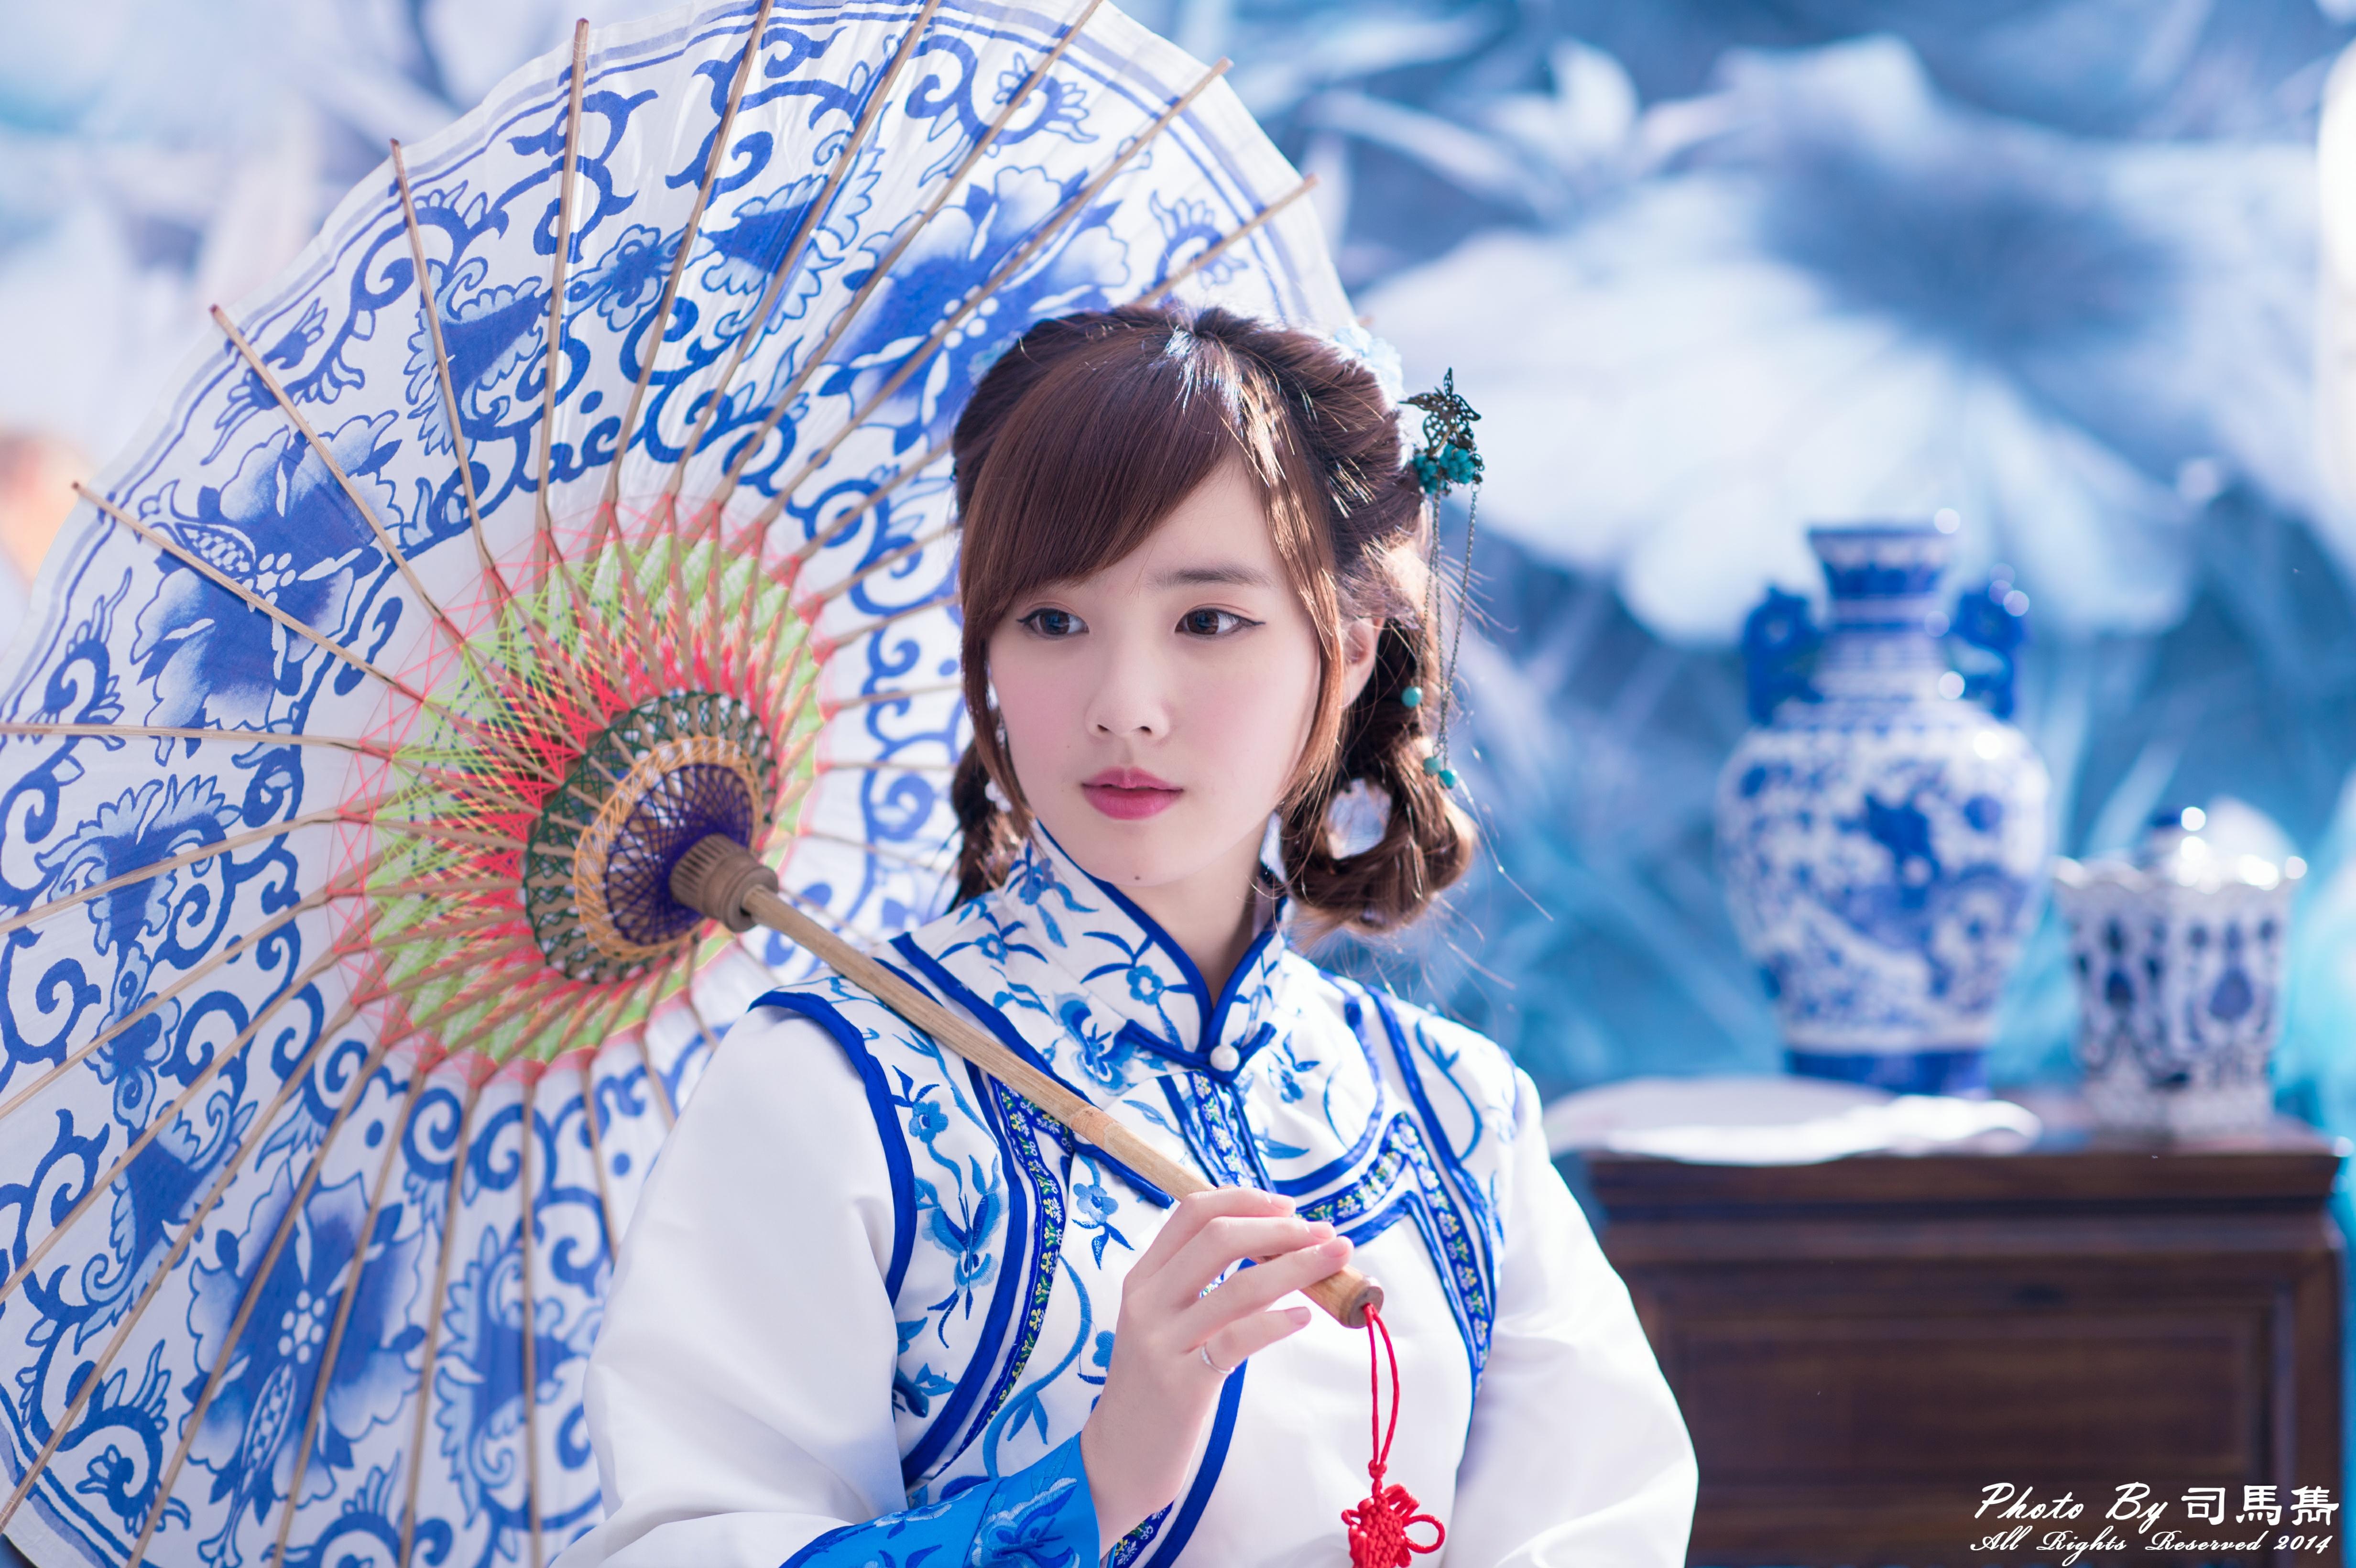 Yu Chen Zheng 4K Ultra Hd Wallpaper And Background Image -9405